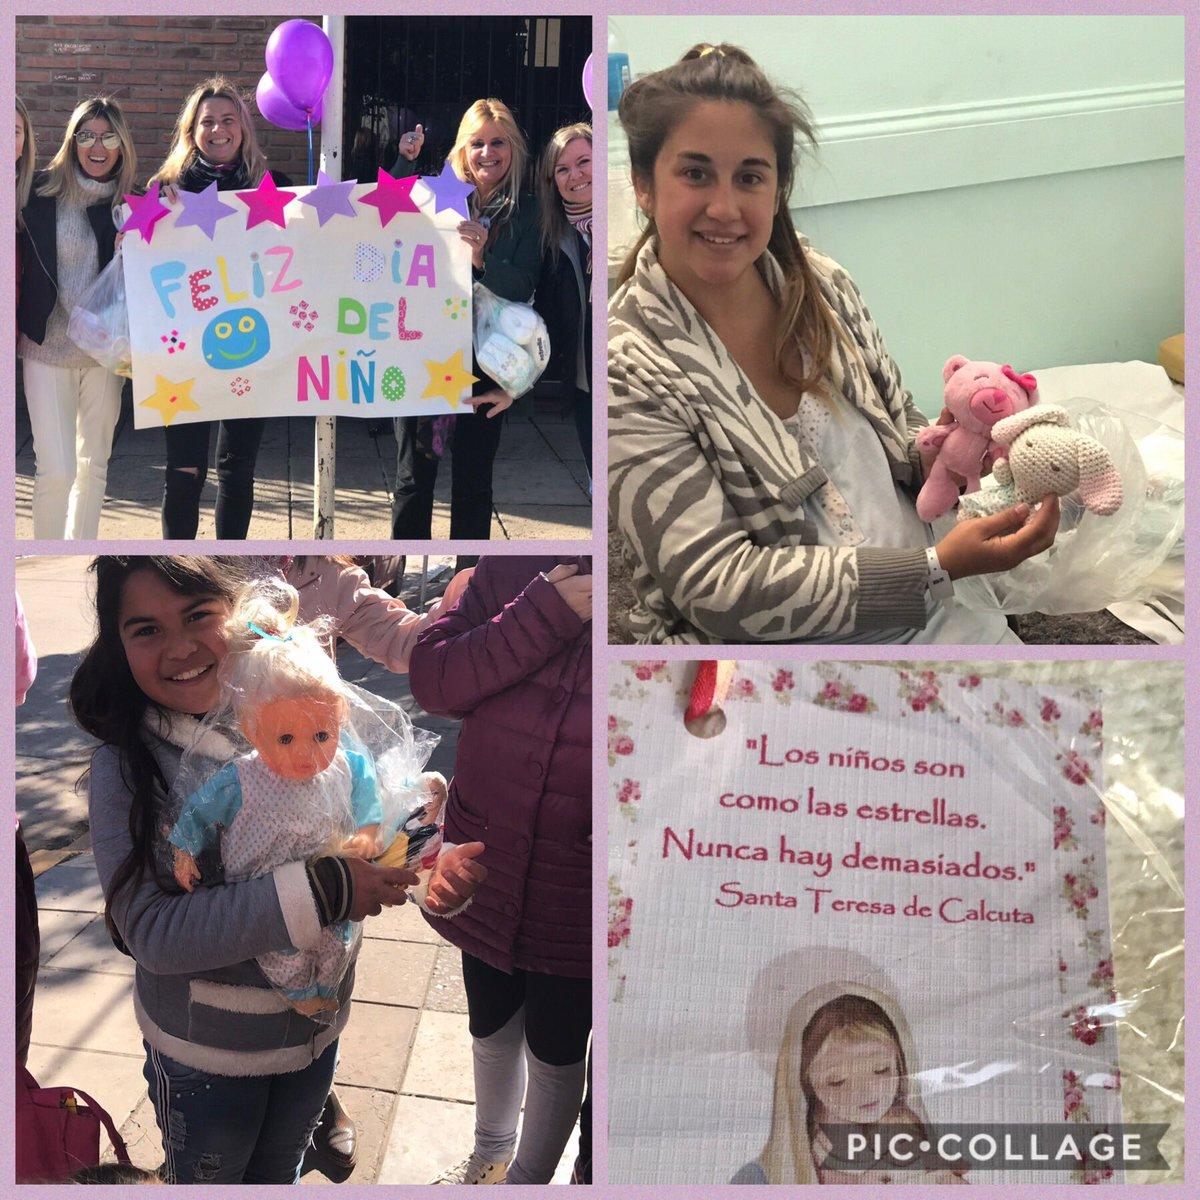 Hoy en la maternidad de Pilar @eldiariopilar @DiarioResumen @pilarhoy @LasTrillizasOro @PiaShaw @CantandoAdriana @Imp_Inclusion @paseopilar , los chicos son el@presente!!!! pic.twitter.com/OvdwUuBJlg